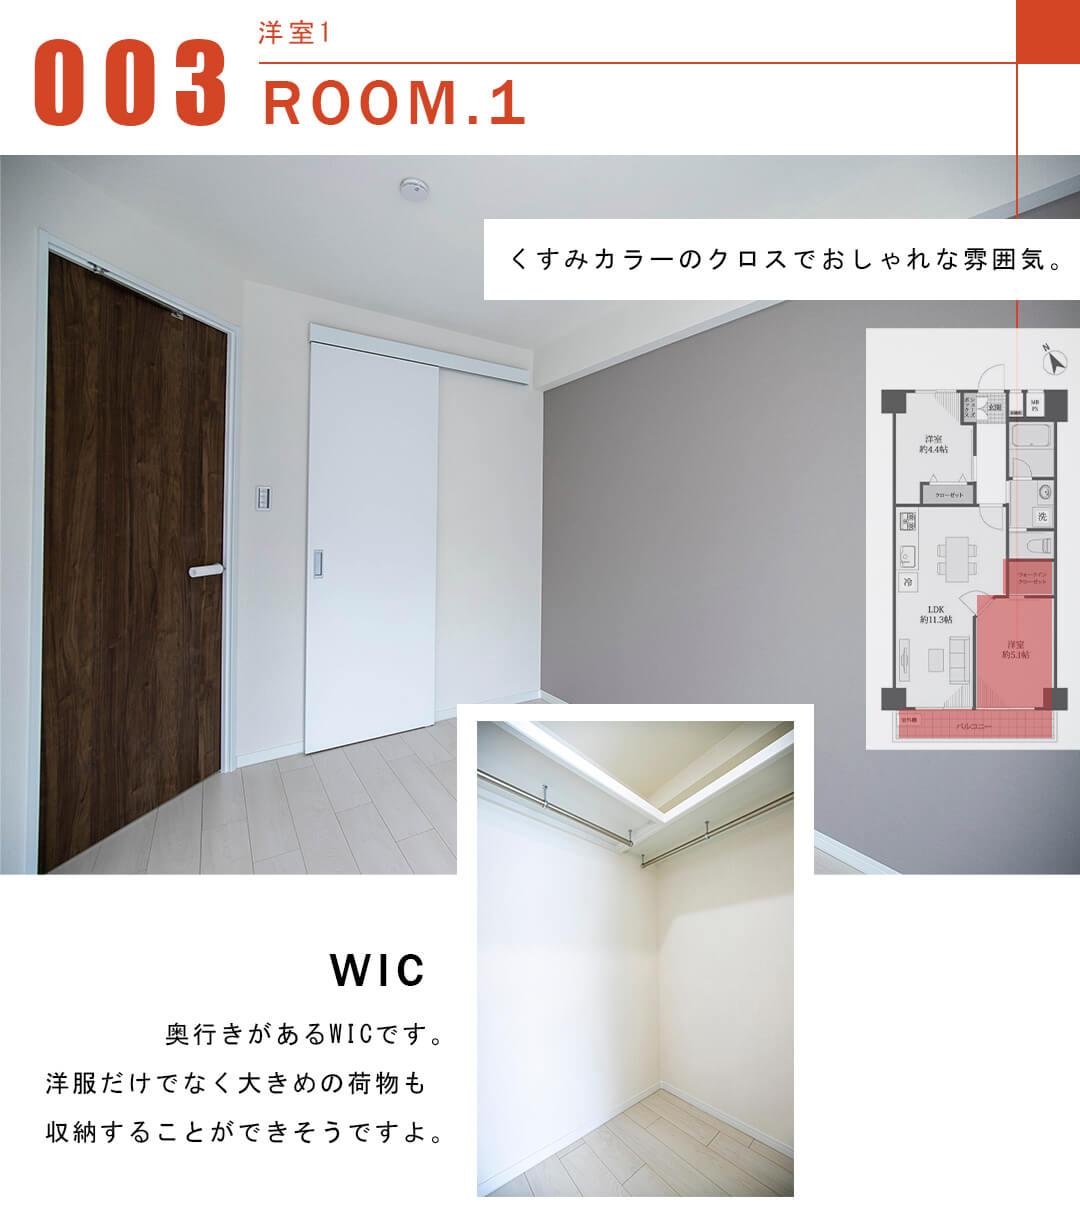 003洋室1,ROM.1